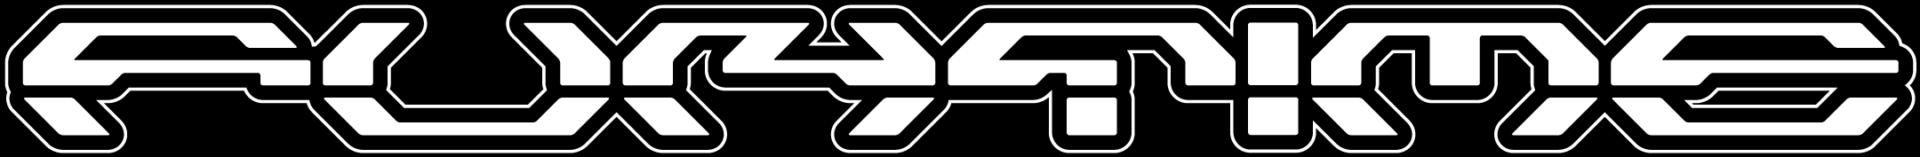 1984 GATEWAY